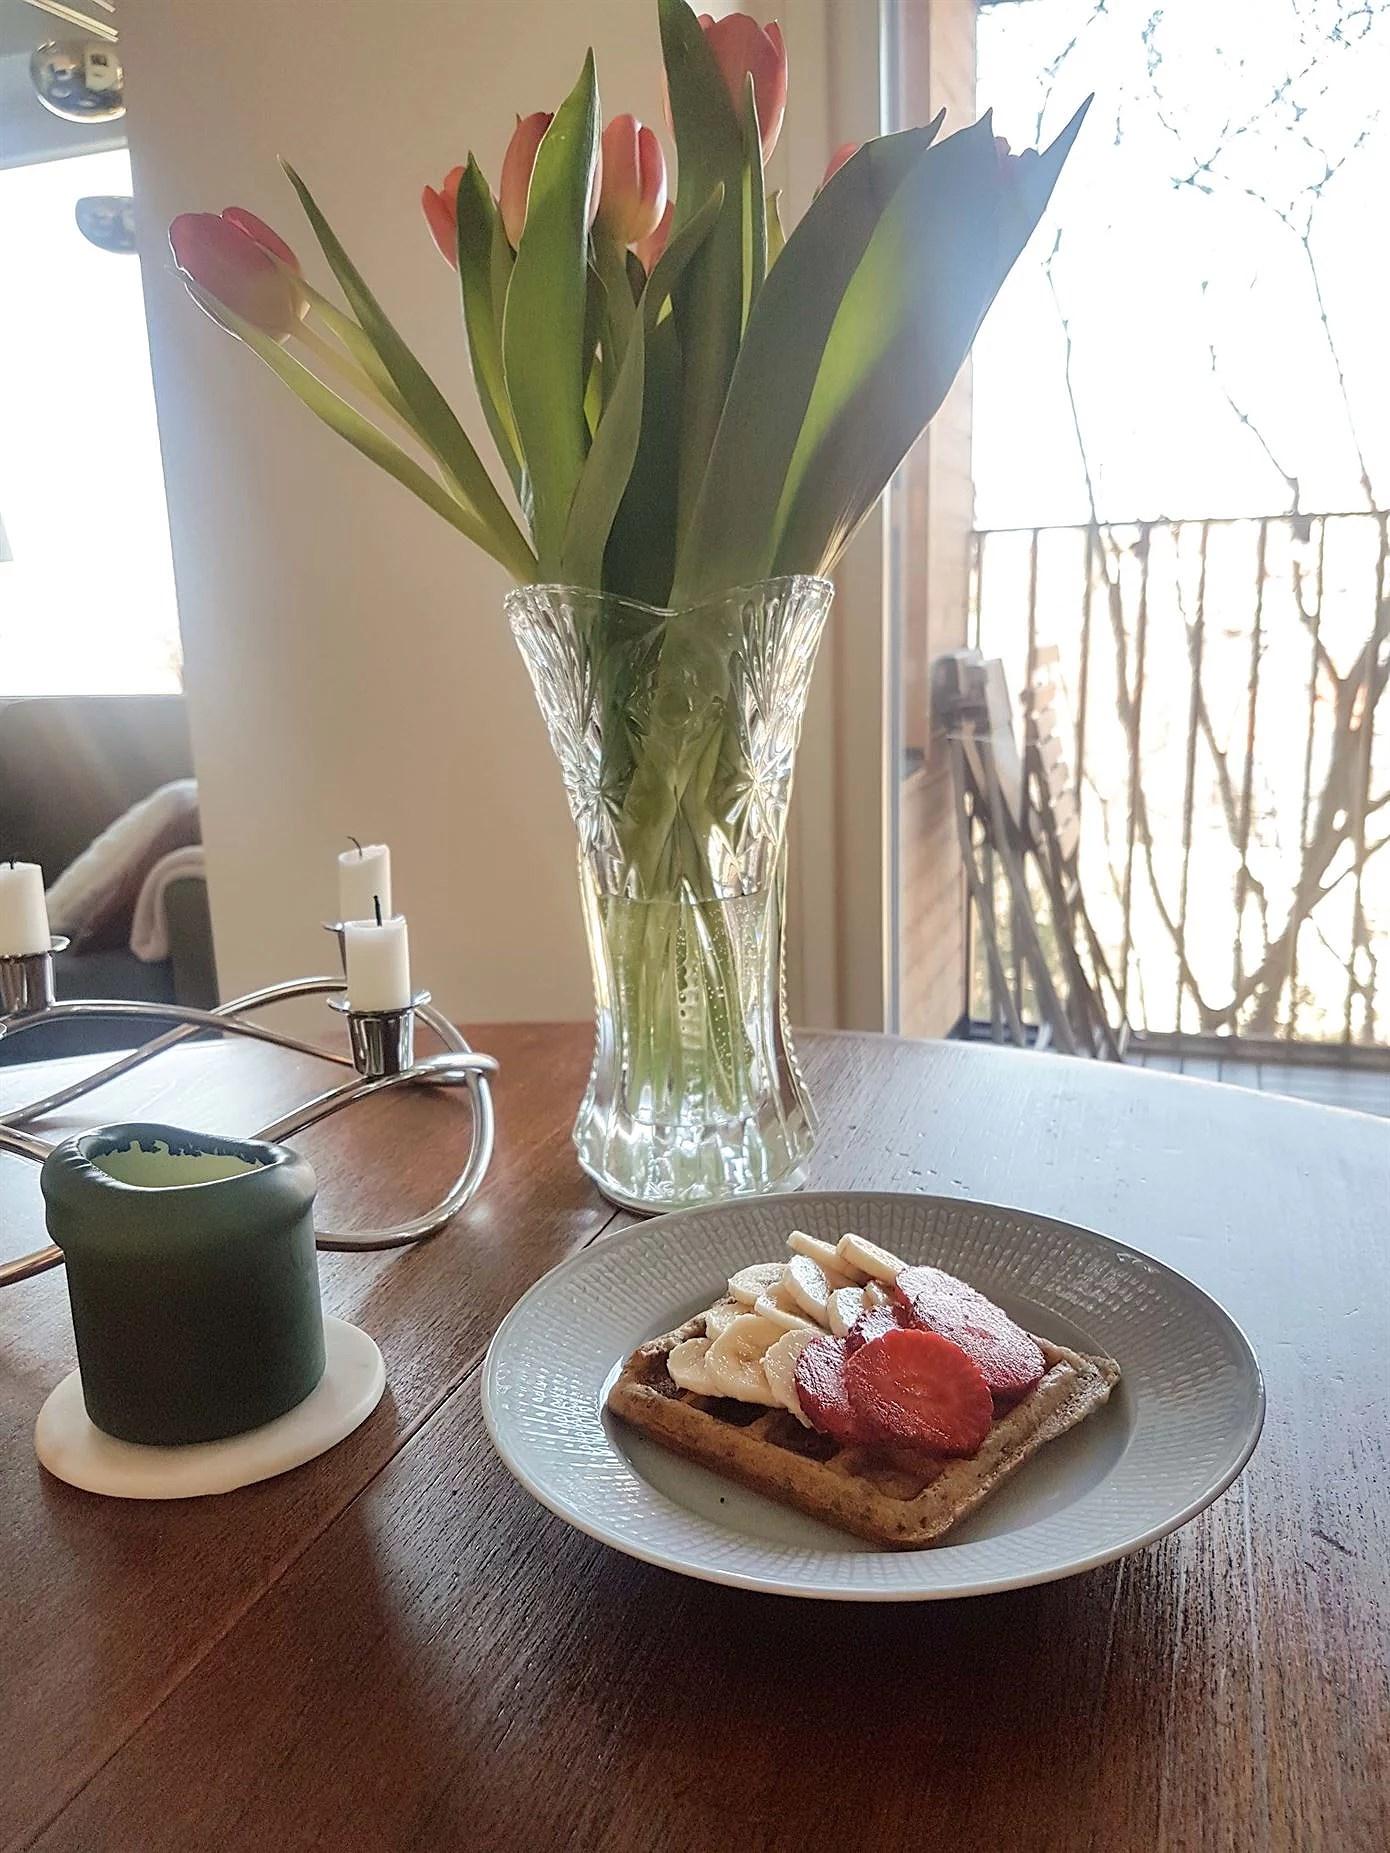 Belgiska våfflor som är veganska med jordgubbar och banan